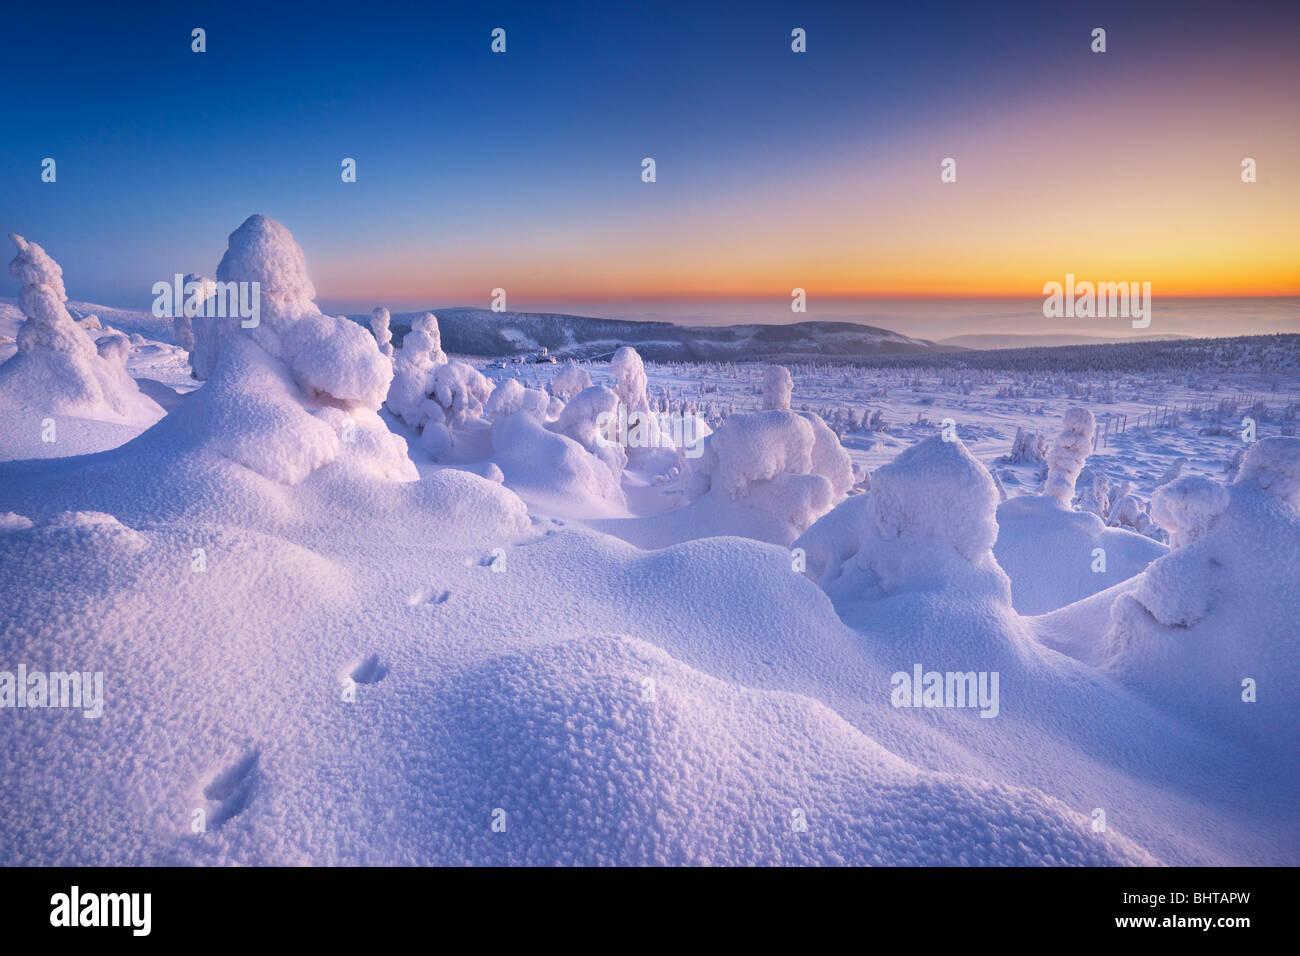 Winter Snow Landscape appena dopo il tramonto, monti Karkonosze, Polonia Immagini Stock